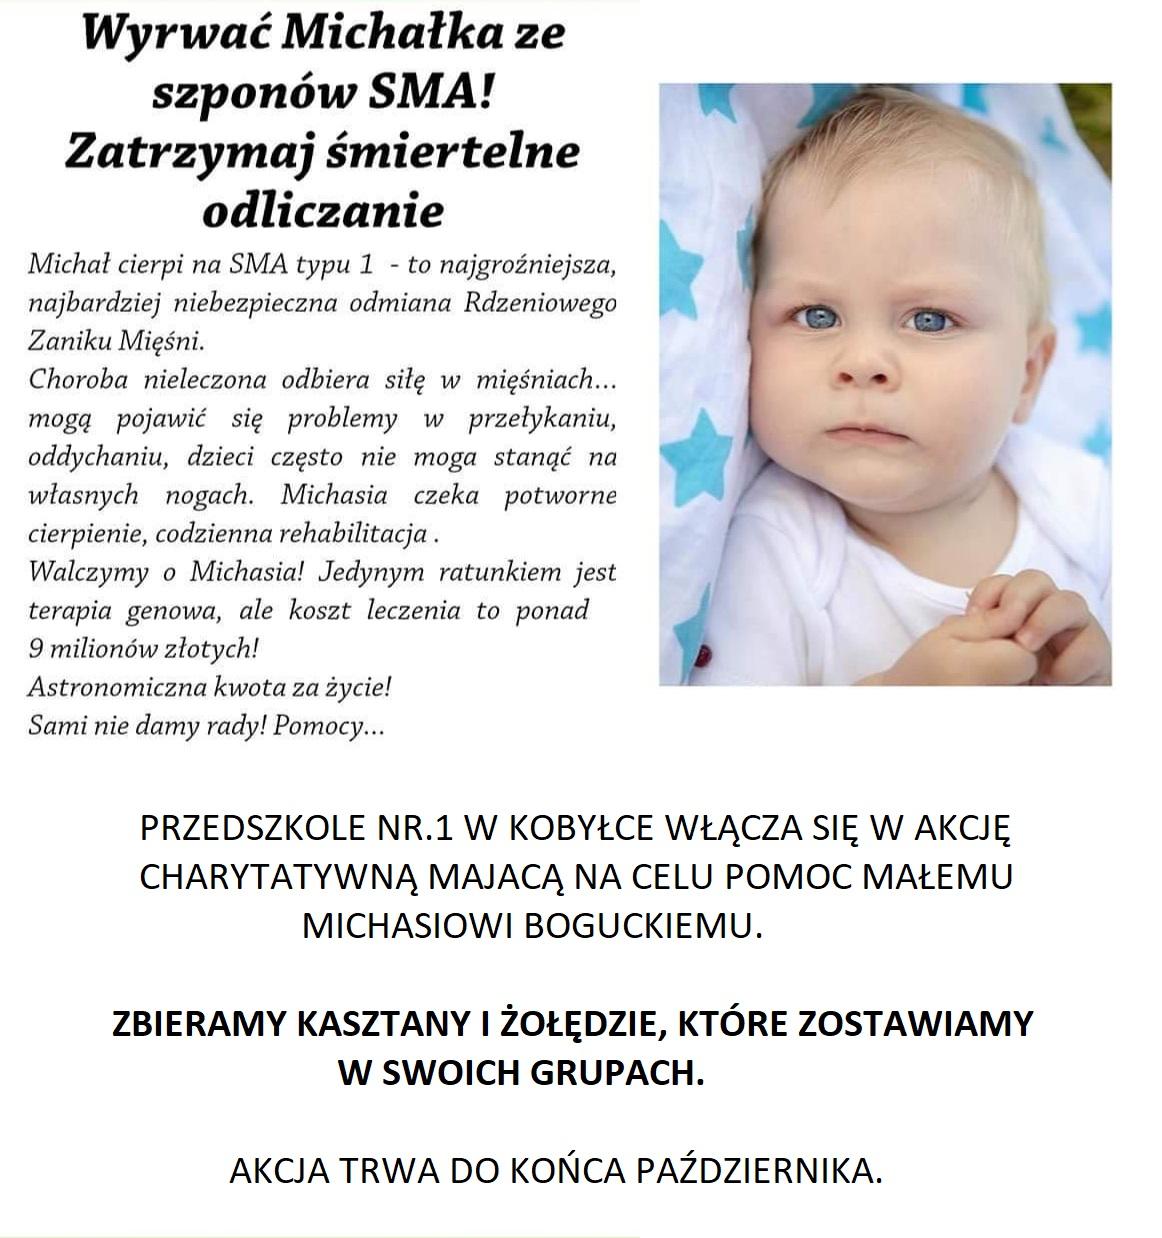 Akcja charytatywna – pomoc małemu Michasiowi Boguckiemu